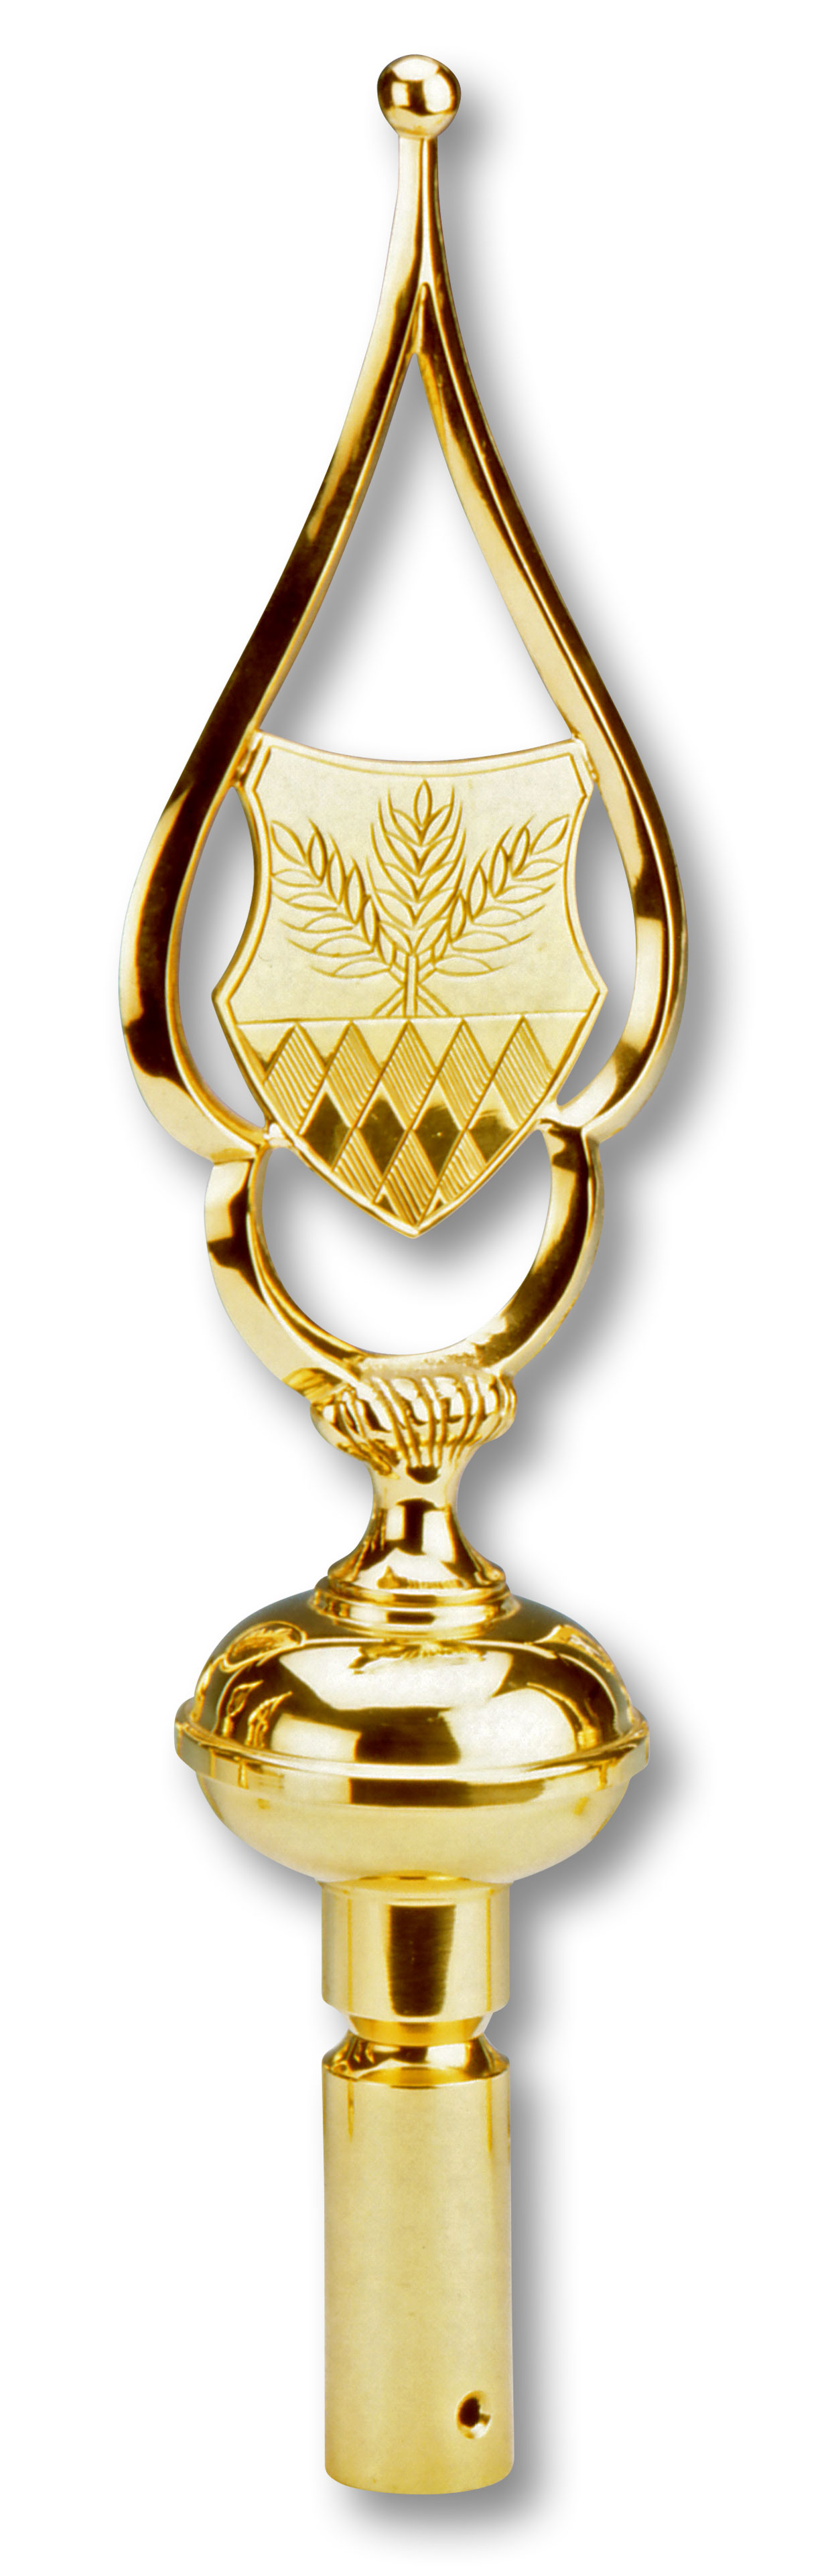 Ährensymbol und Rauten in der Mitte, umrahmt von einem schlichten goldfarbenen Mesisngrahmen